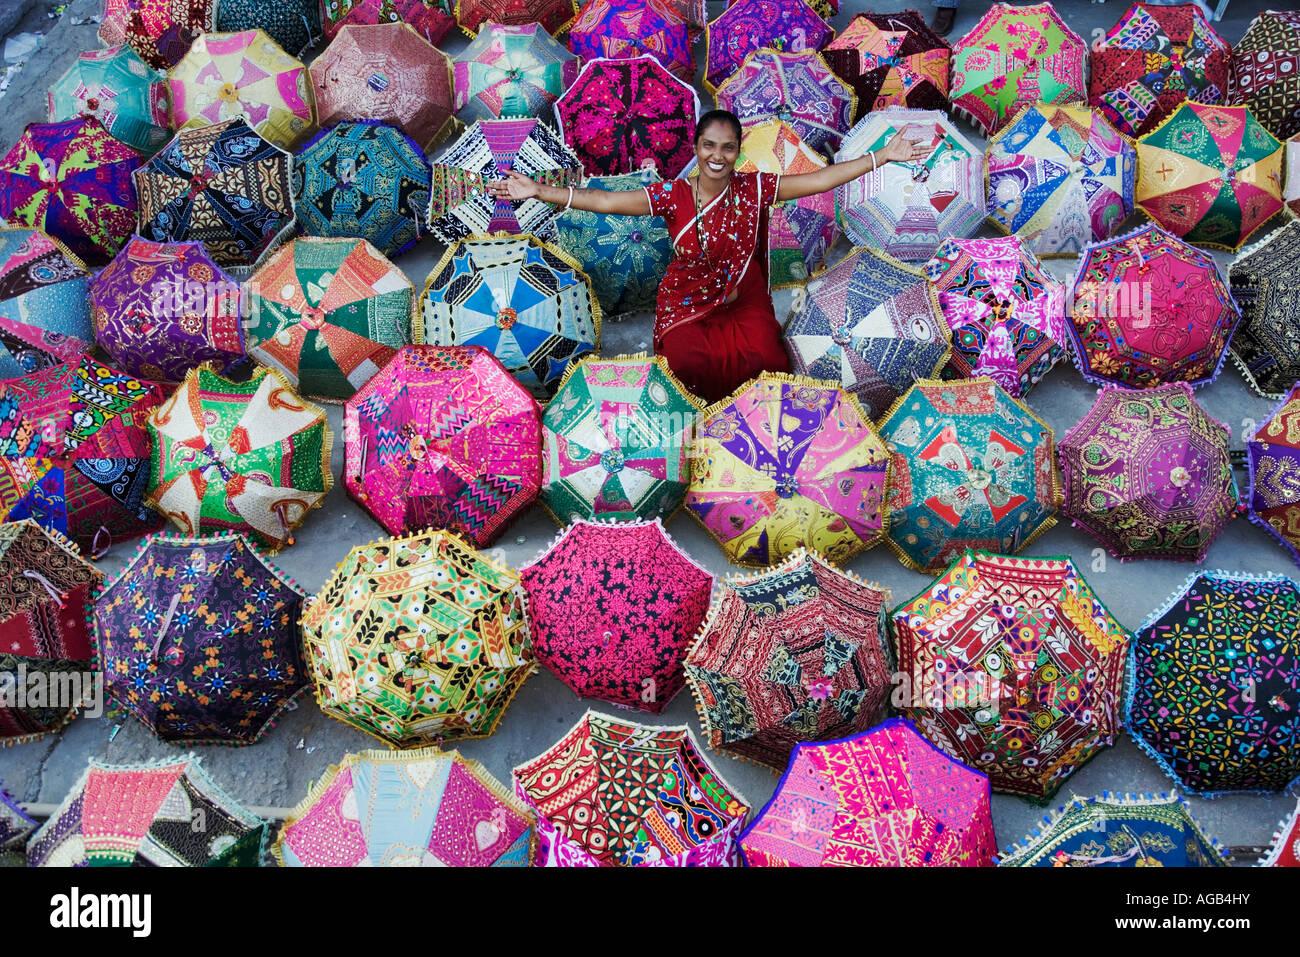 Donna in sari ammirando ombrelloni colorati al di fuori di un negozio Jaipur India modello proprietà rilasciato Immagini Stock